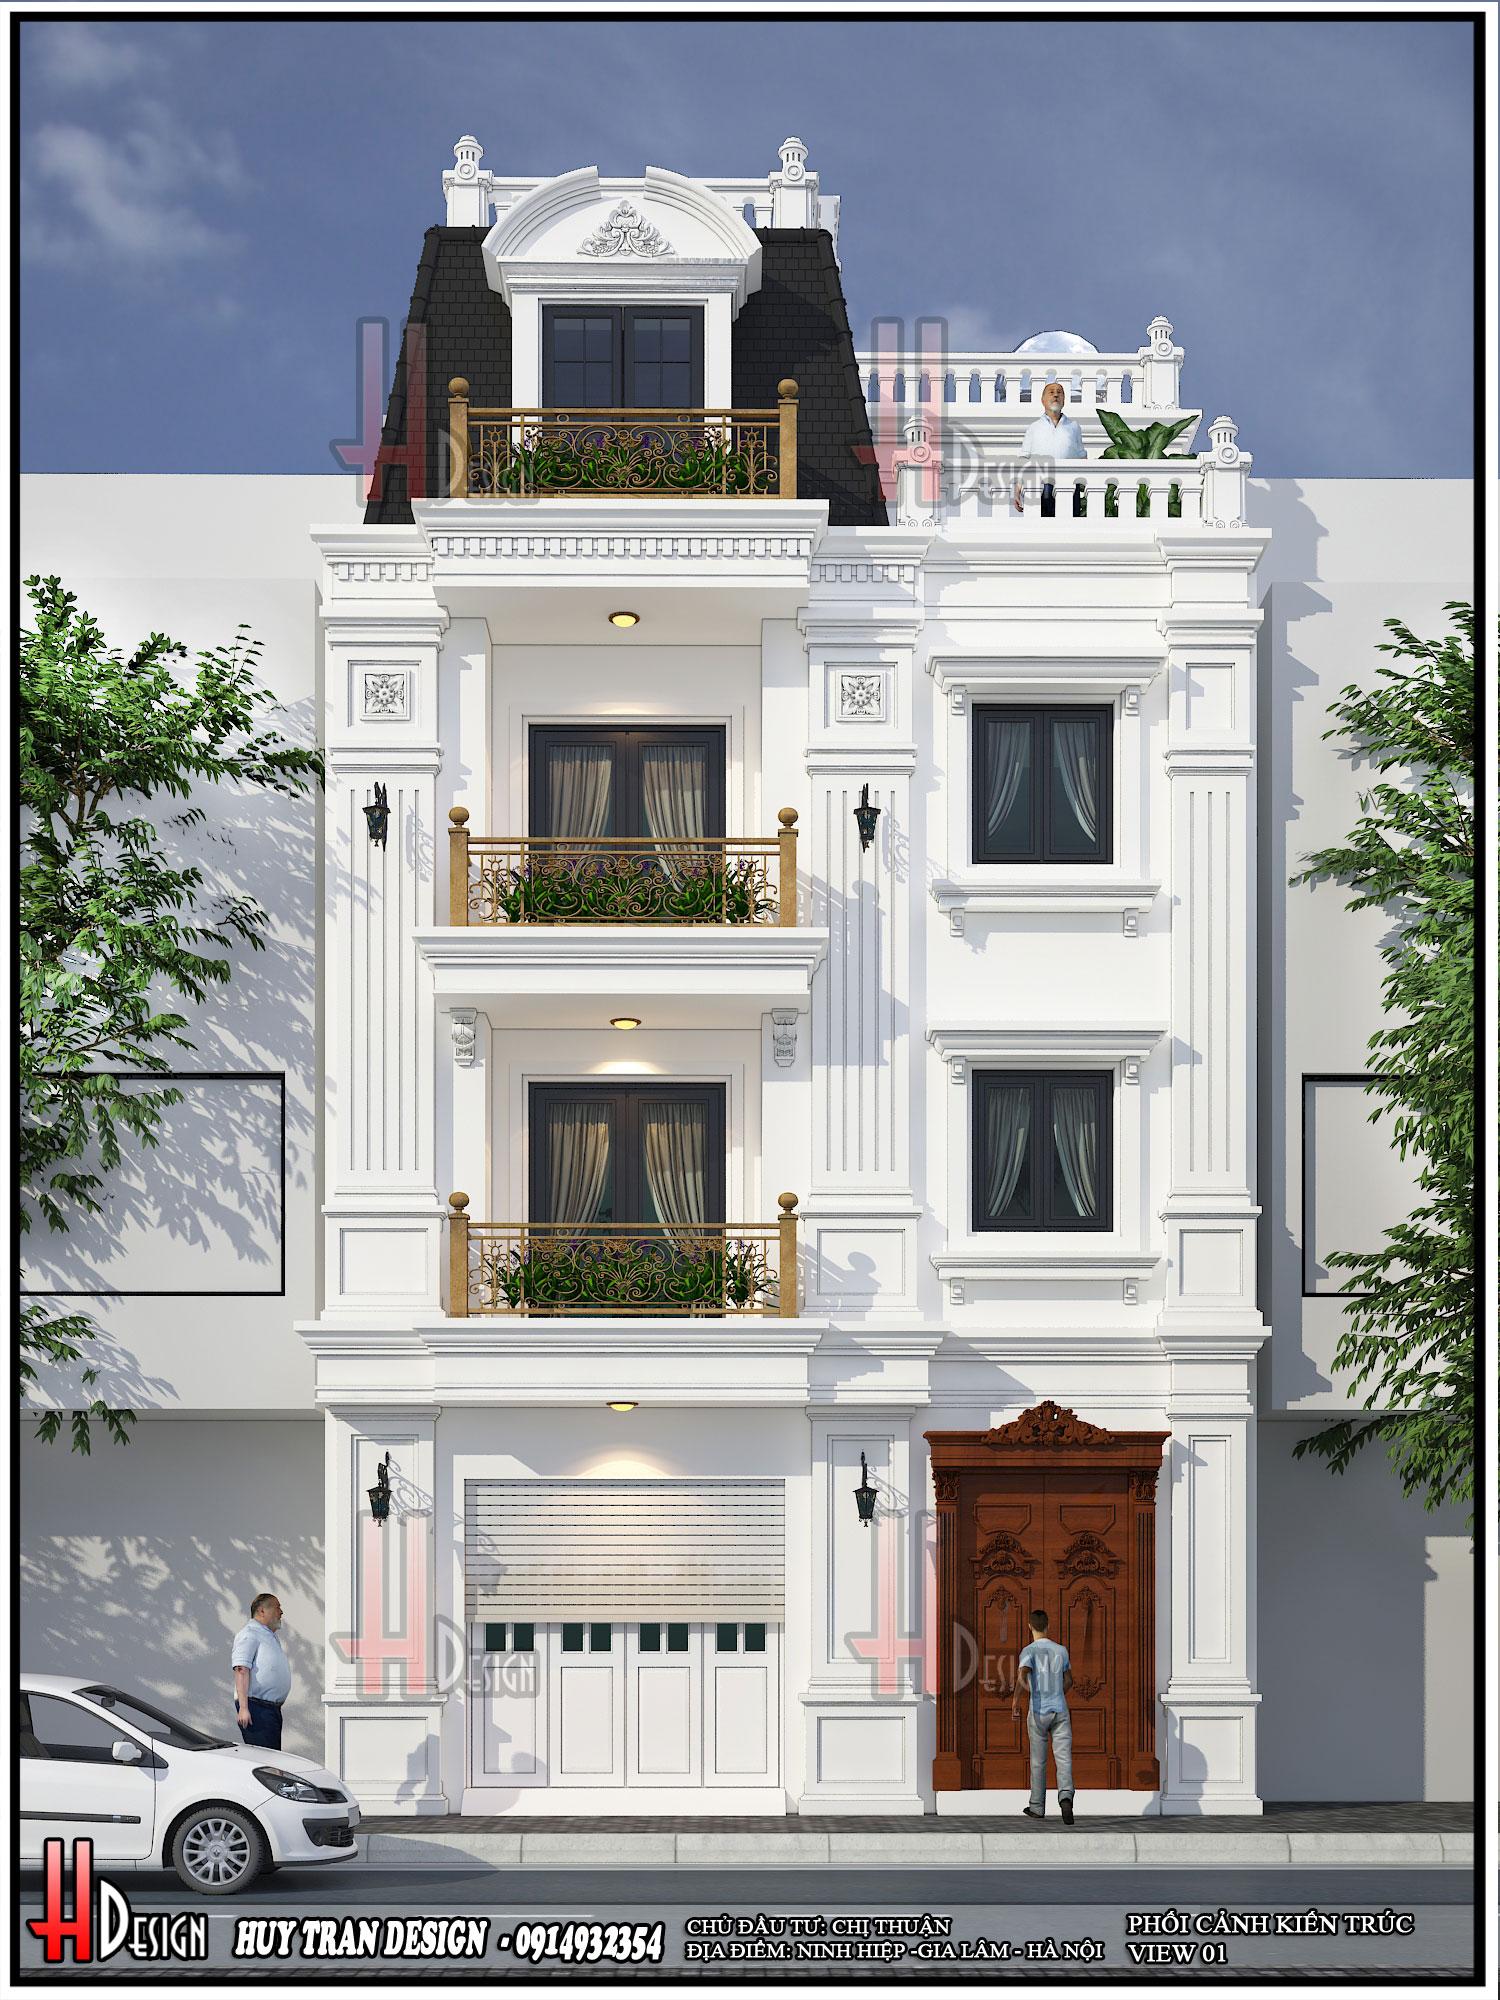 Mẫu thiết kế biệt thự 3.5 tầng phong cách Châu Âu nhà chị Thuận - thiết kế biệt thự tại Ninh Hiệp